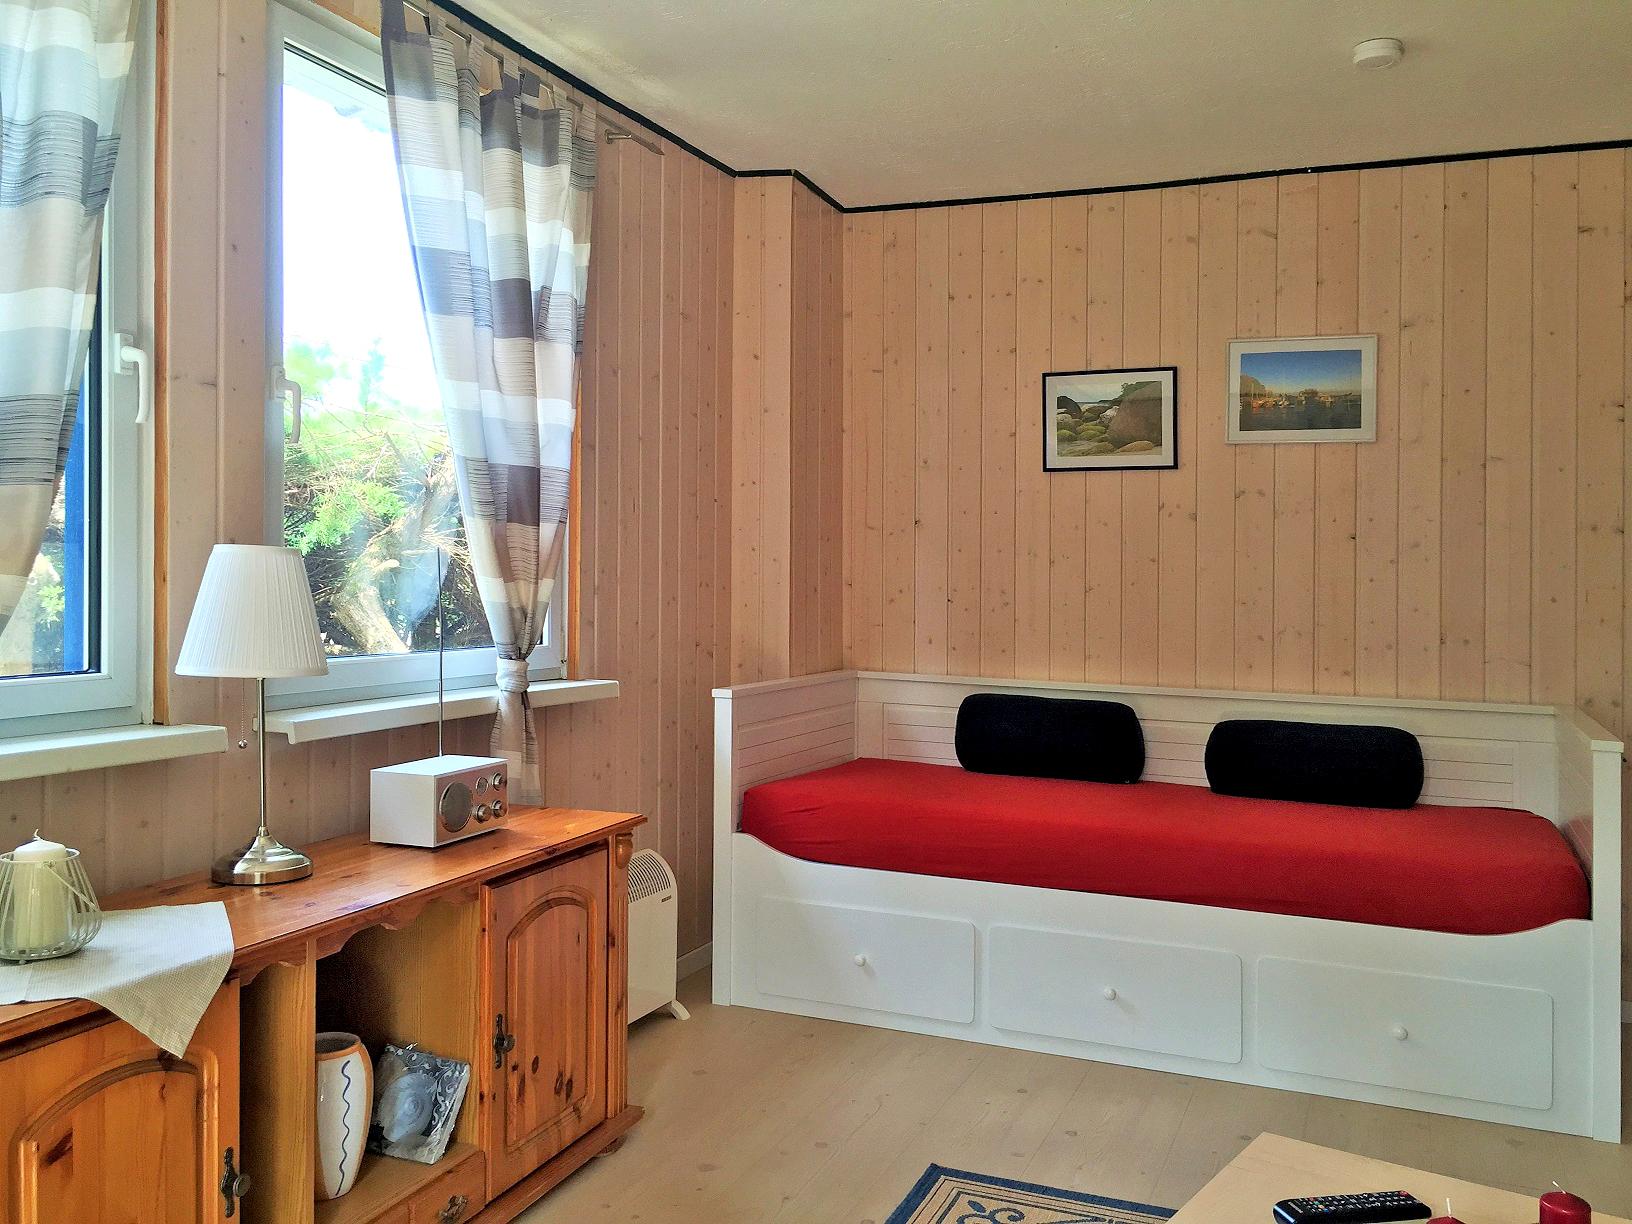 Einzelbett im Wohnraum